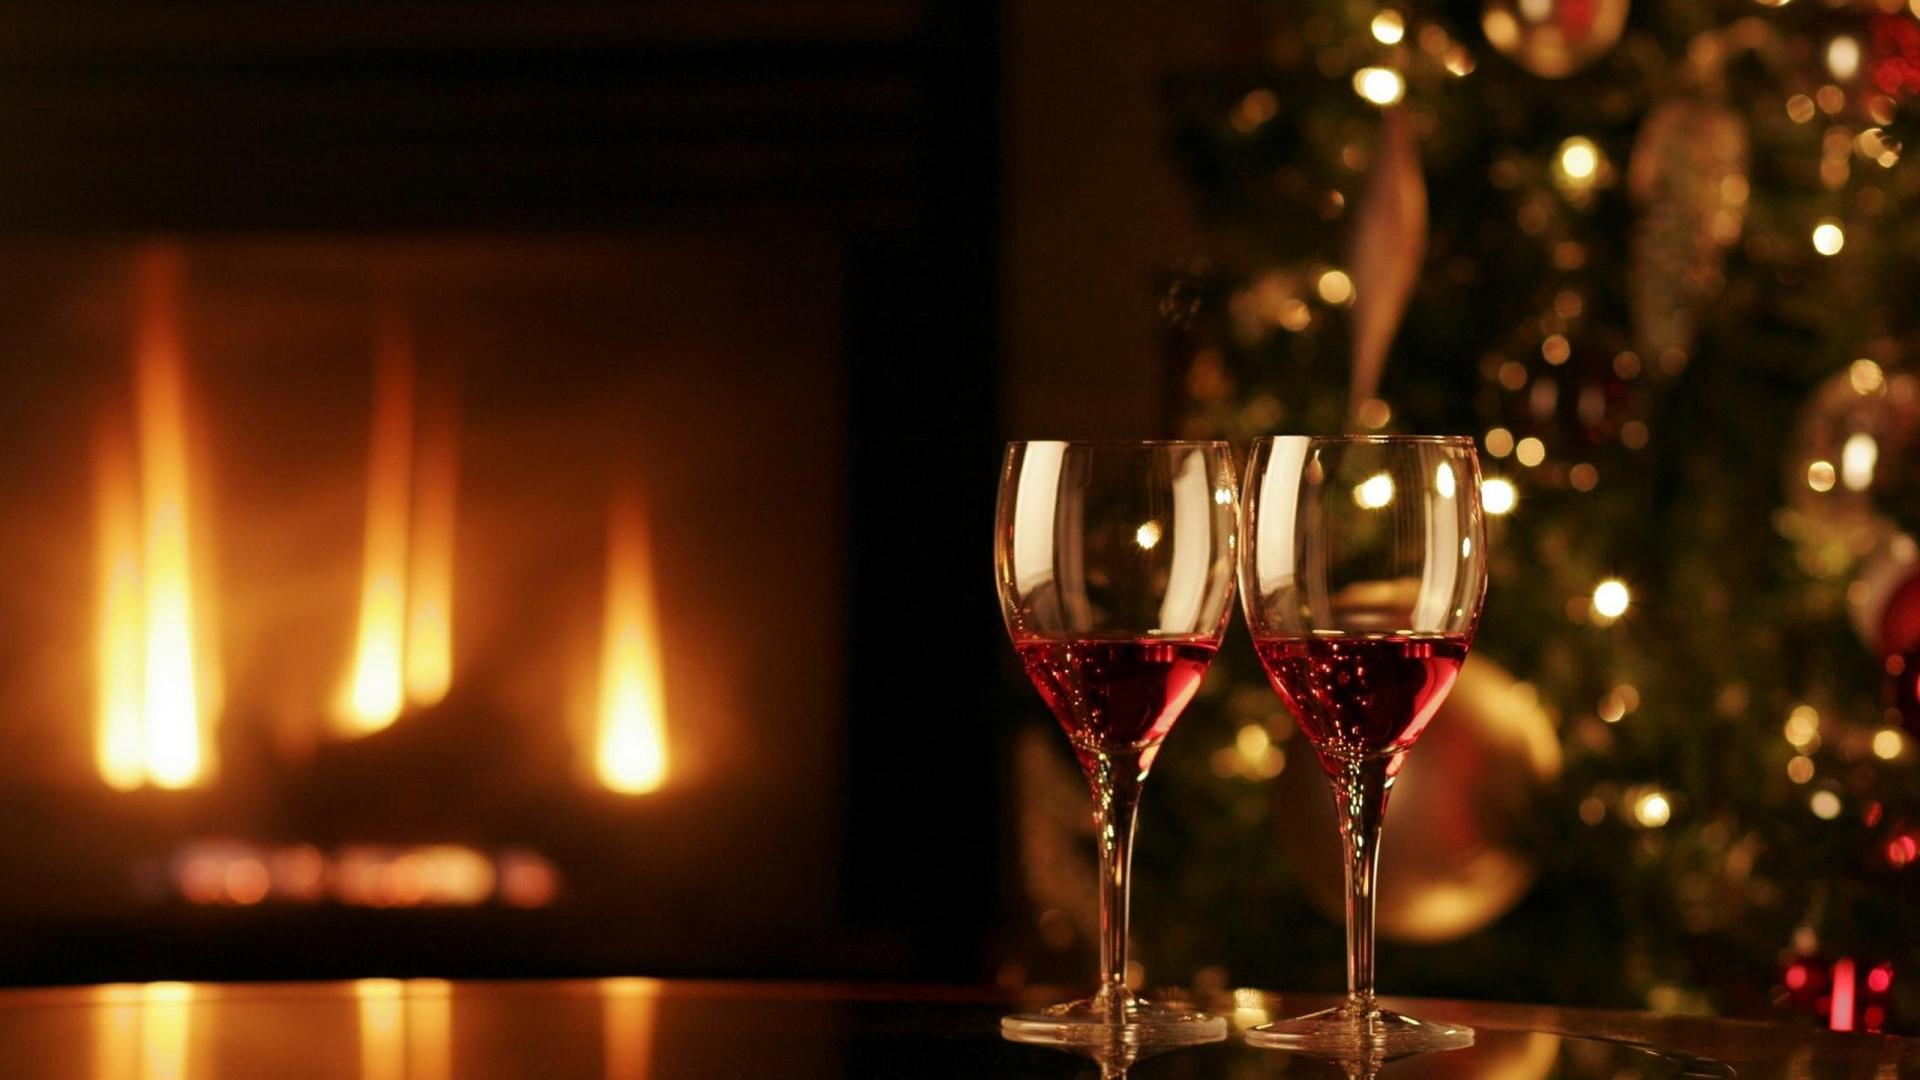 Dos copas con vino para navidad - 1920x1080